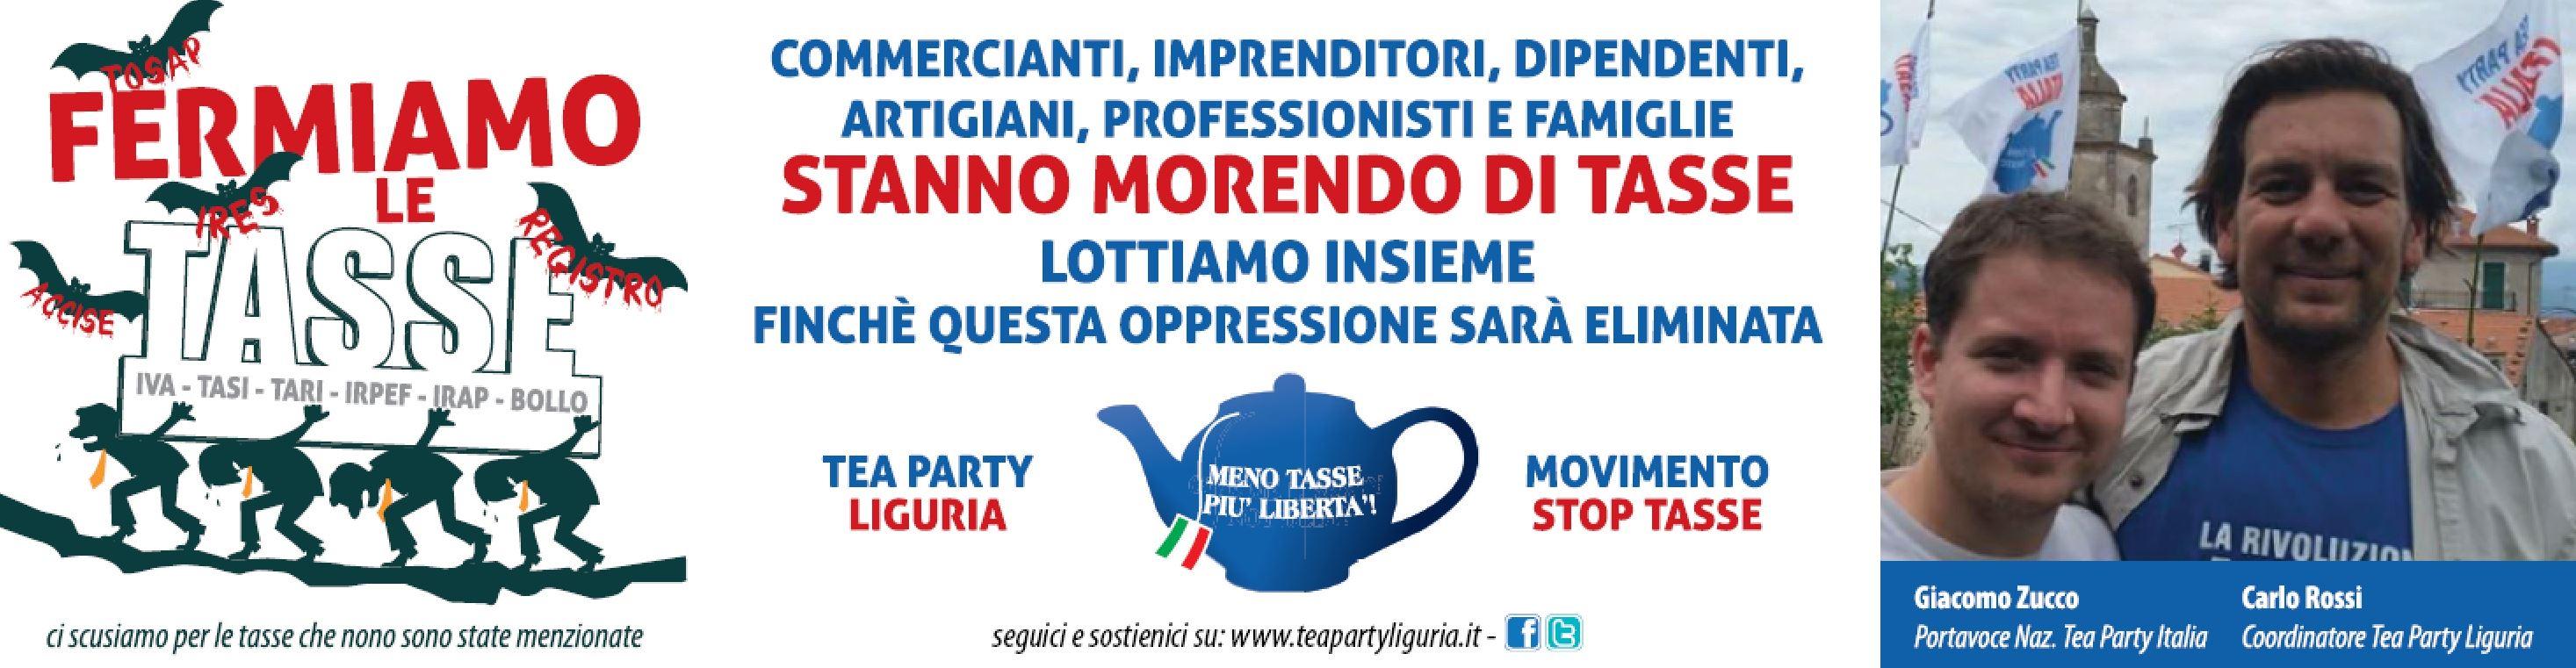 TEA-PARTY-fermiamo-le-tasse-Carlo-Rossi-Giacomo-Zucco